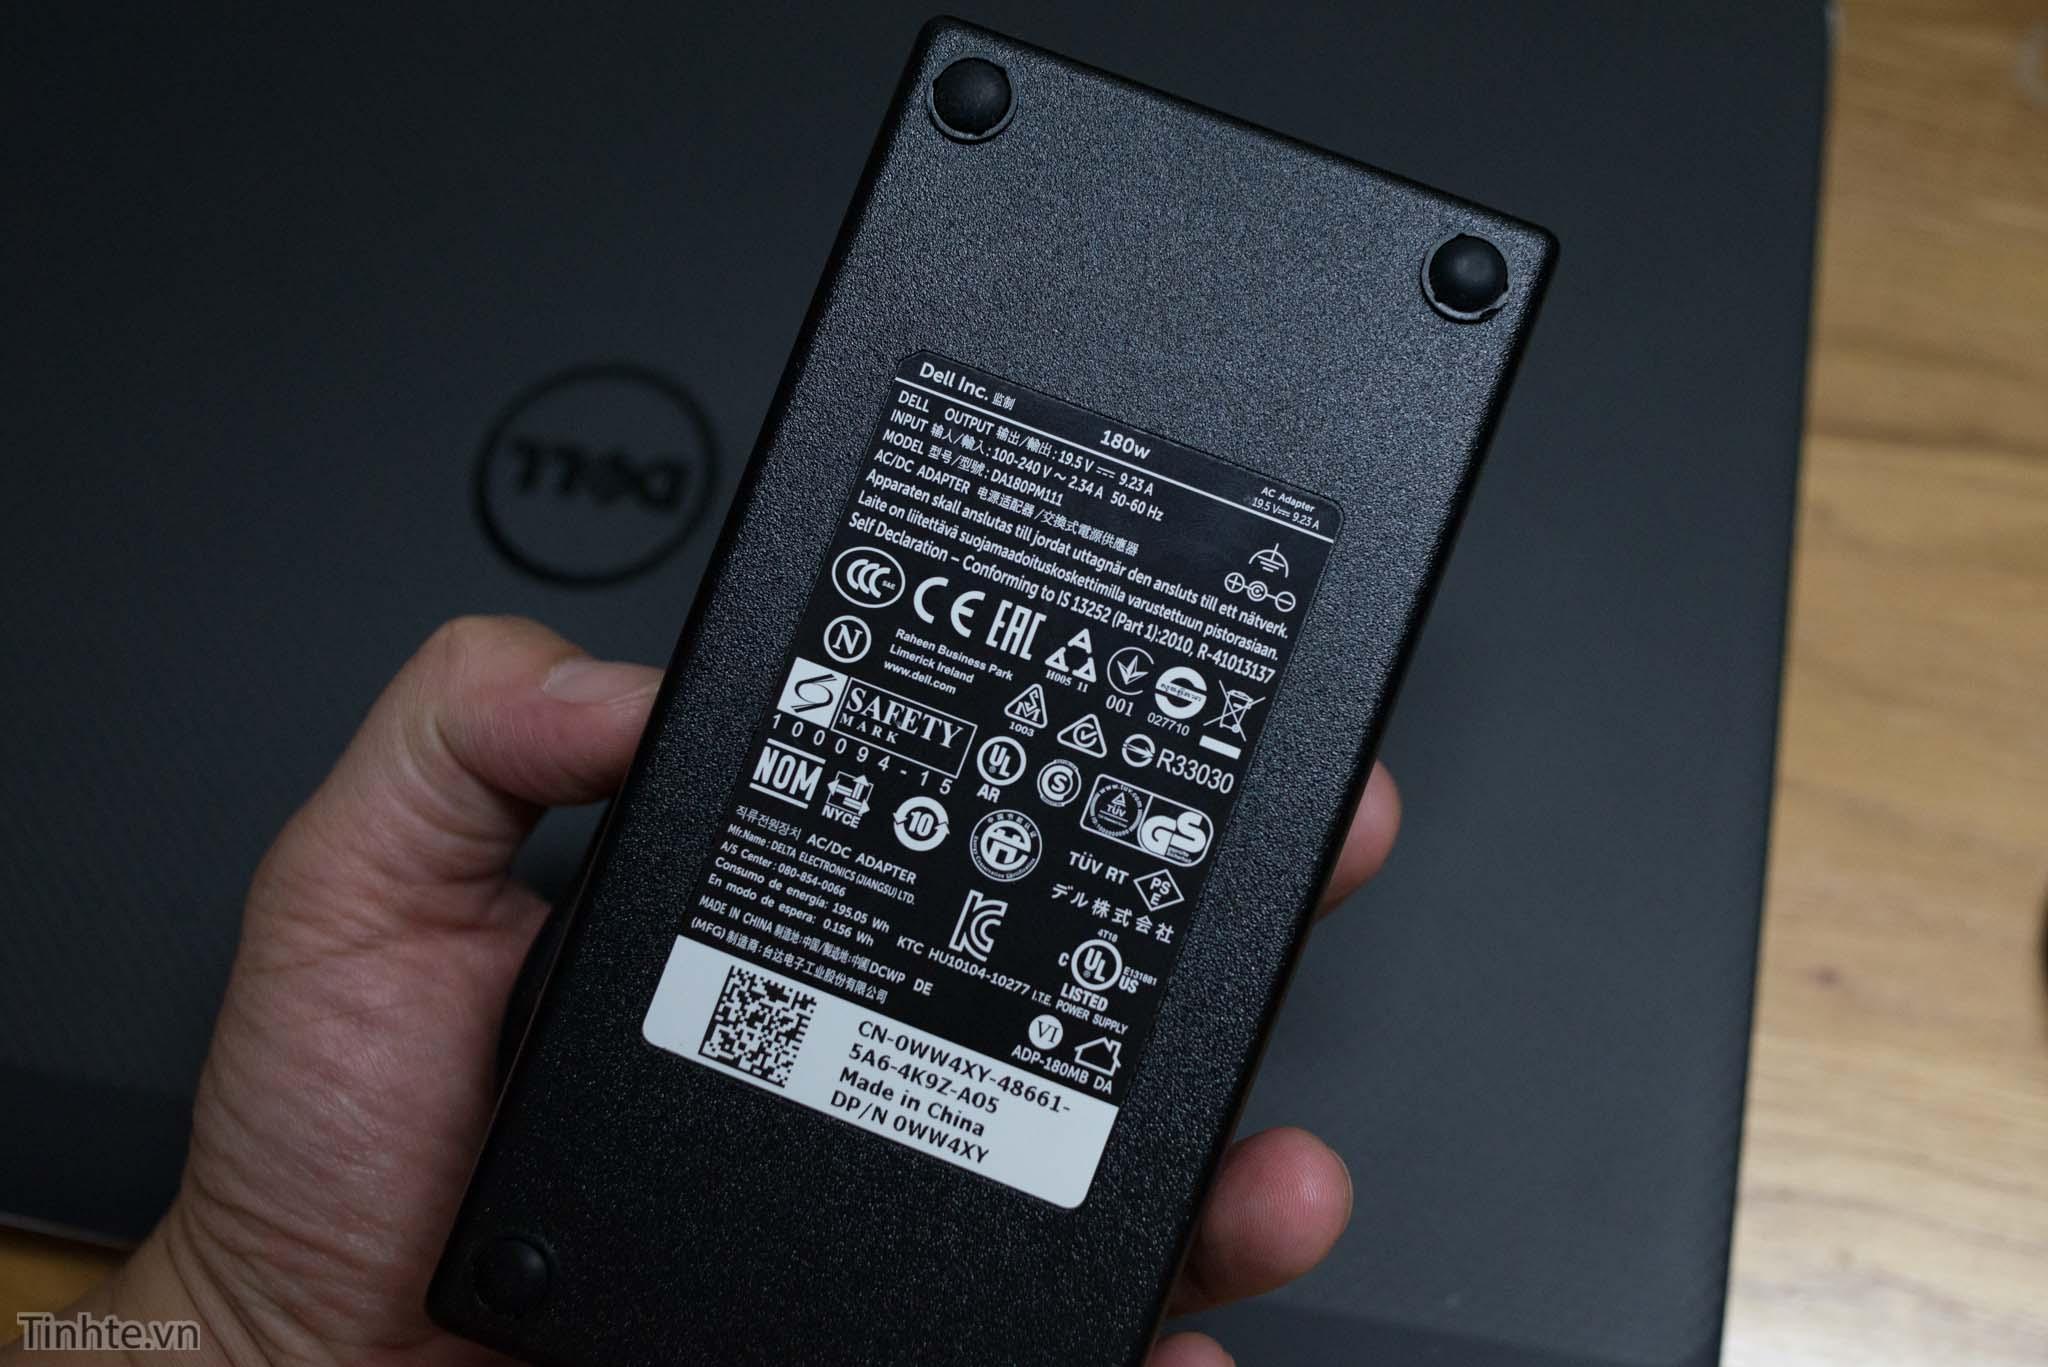 Đang tải Dell 7510_tinhte.vn 16.jpg…